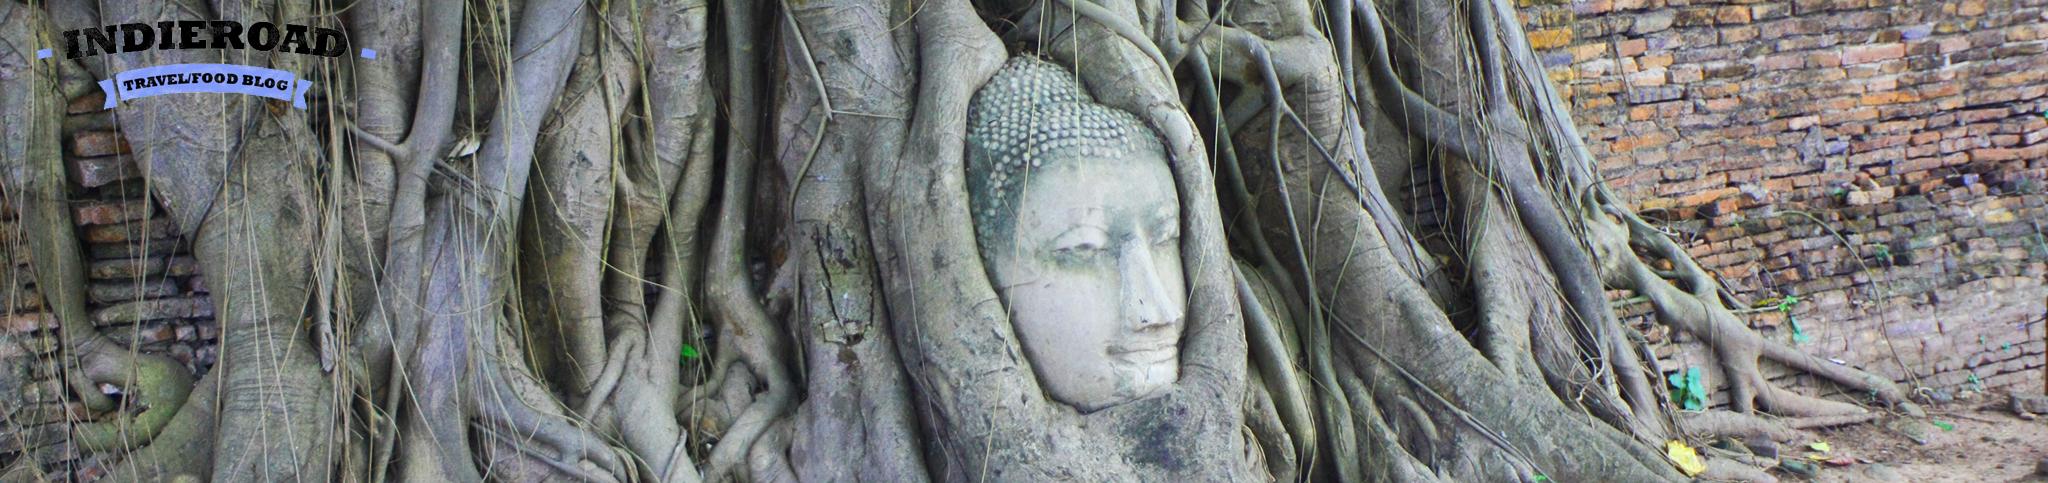 banner thai